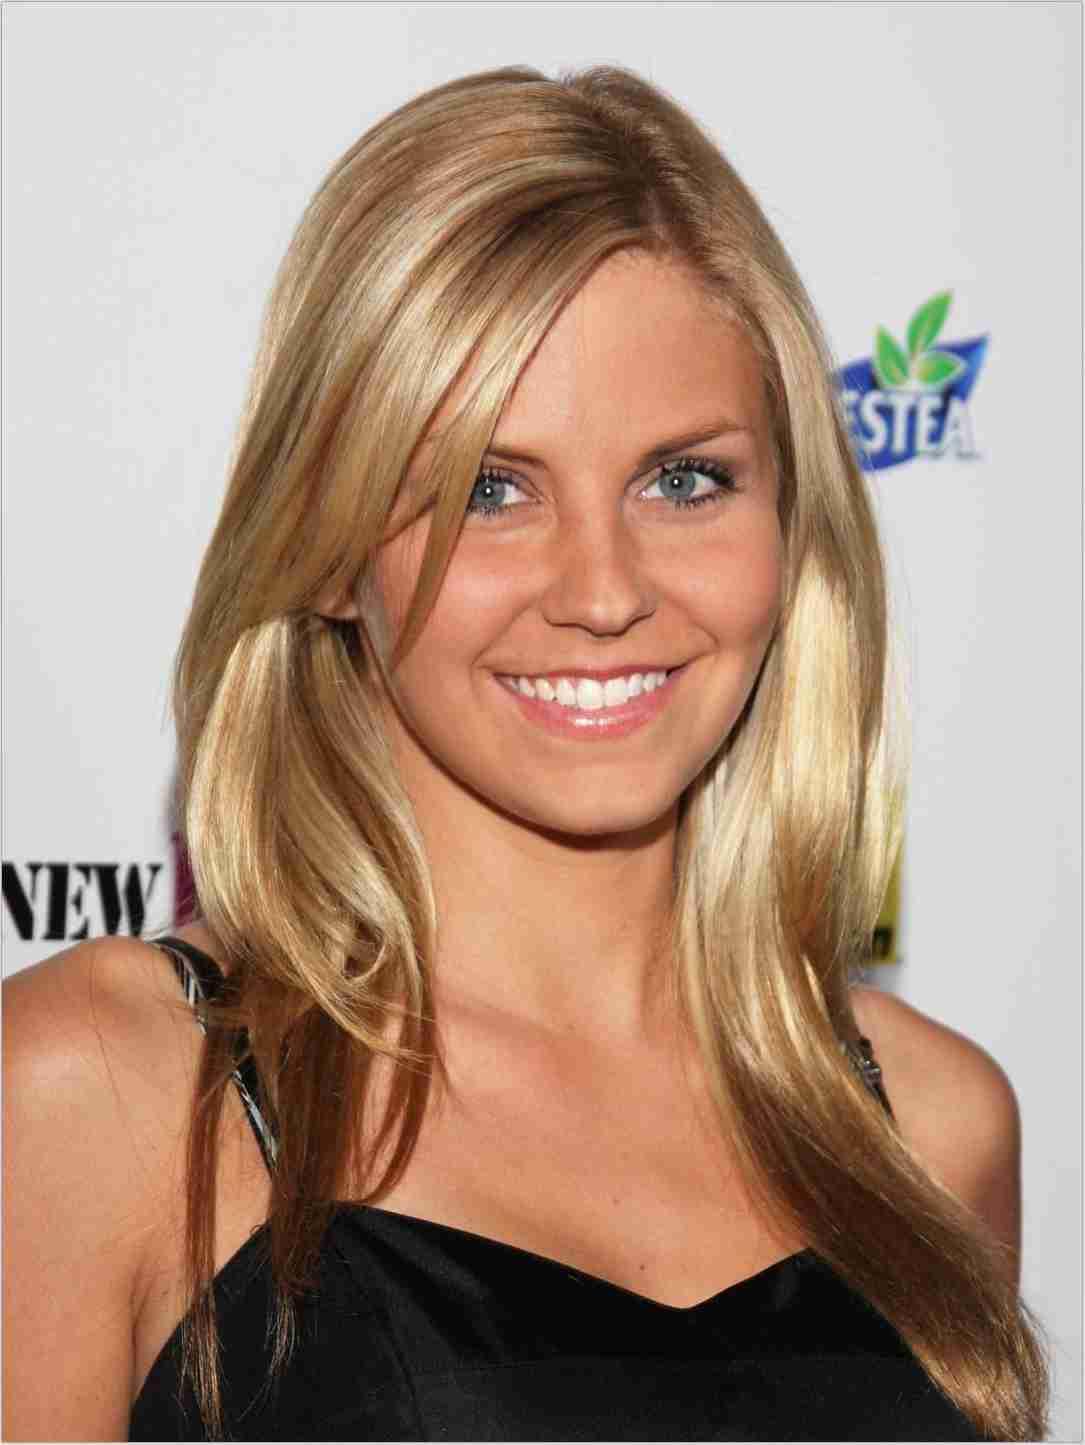 Nikki Griffin Net Worth, Bio, Height, Family, Age, Weight